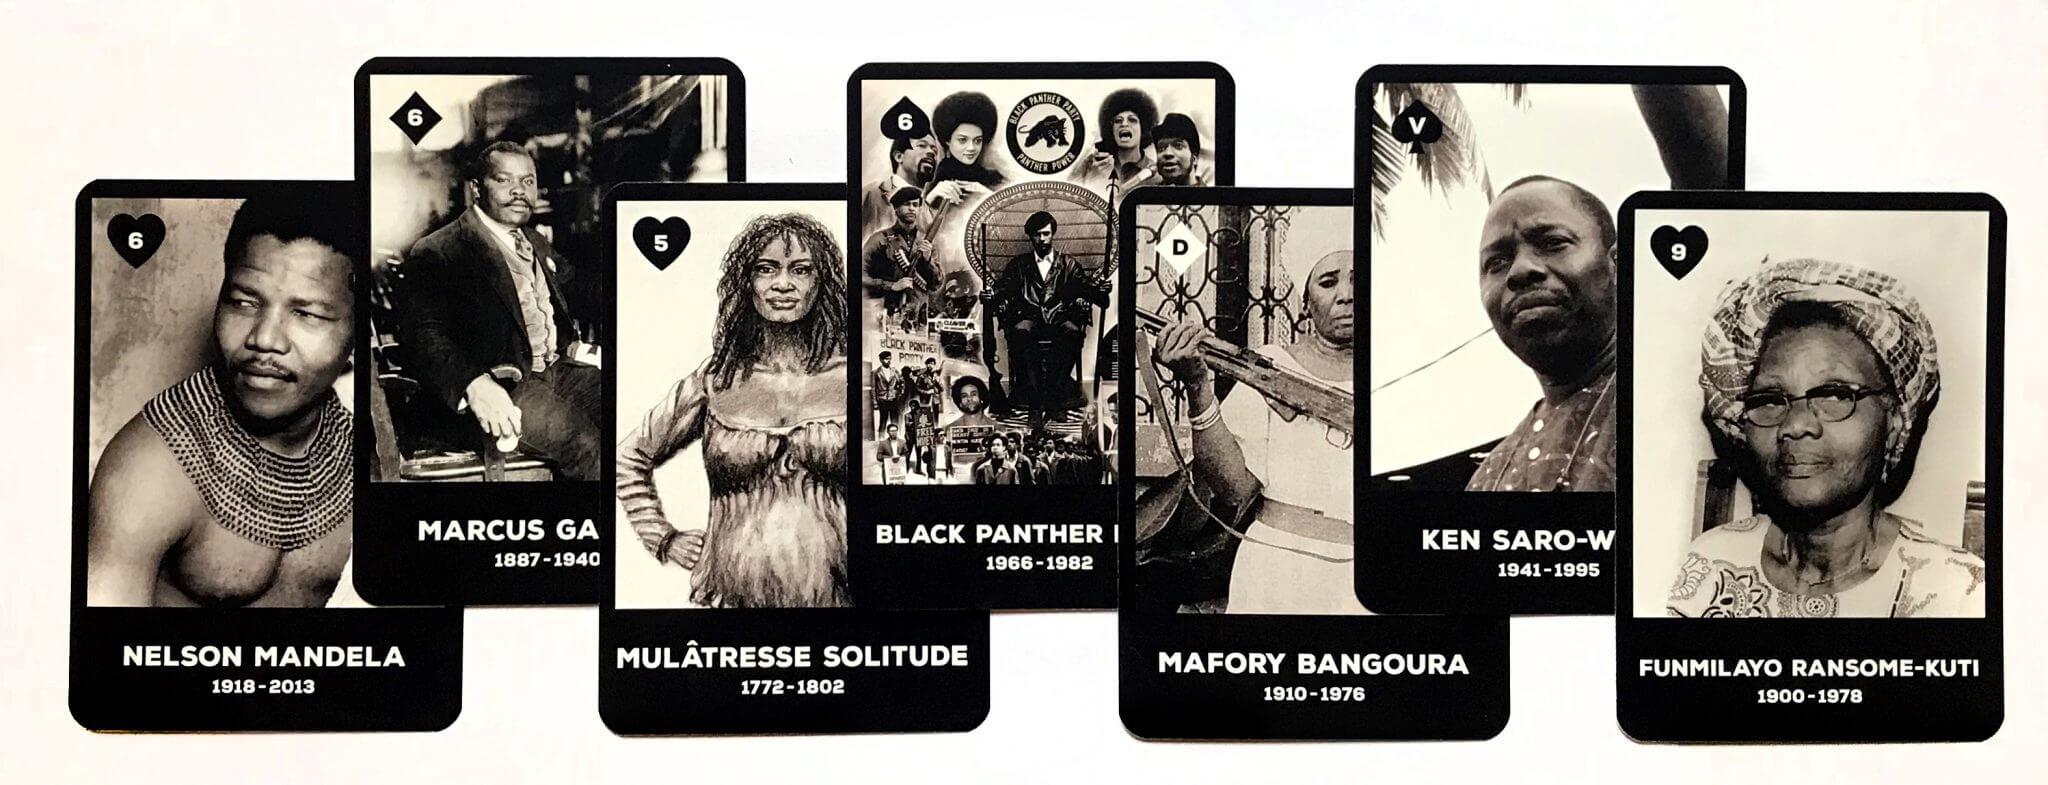 Histoire noire : 54 cartes éclair (vol. 1)